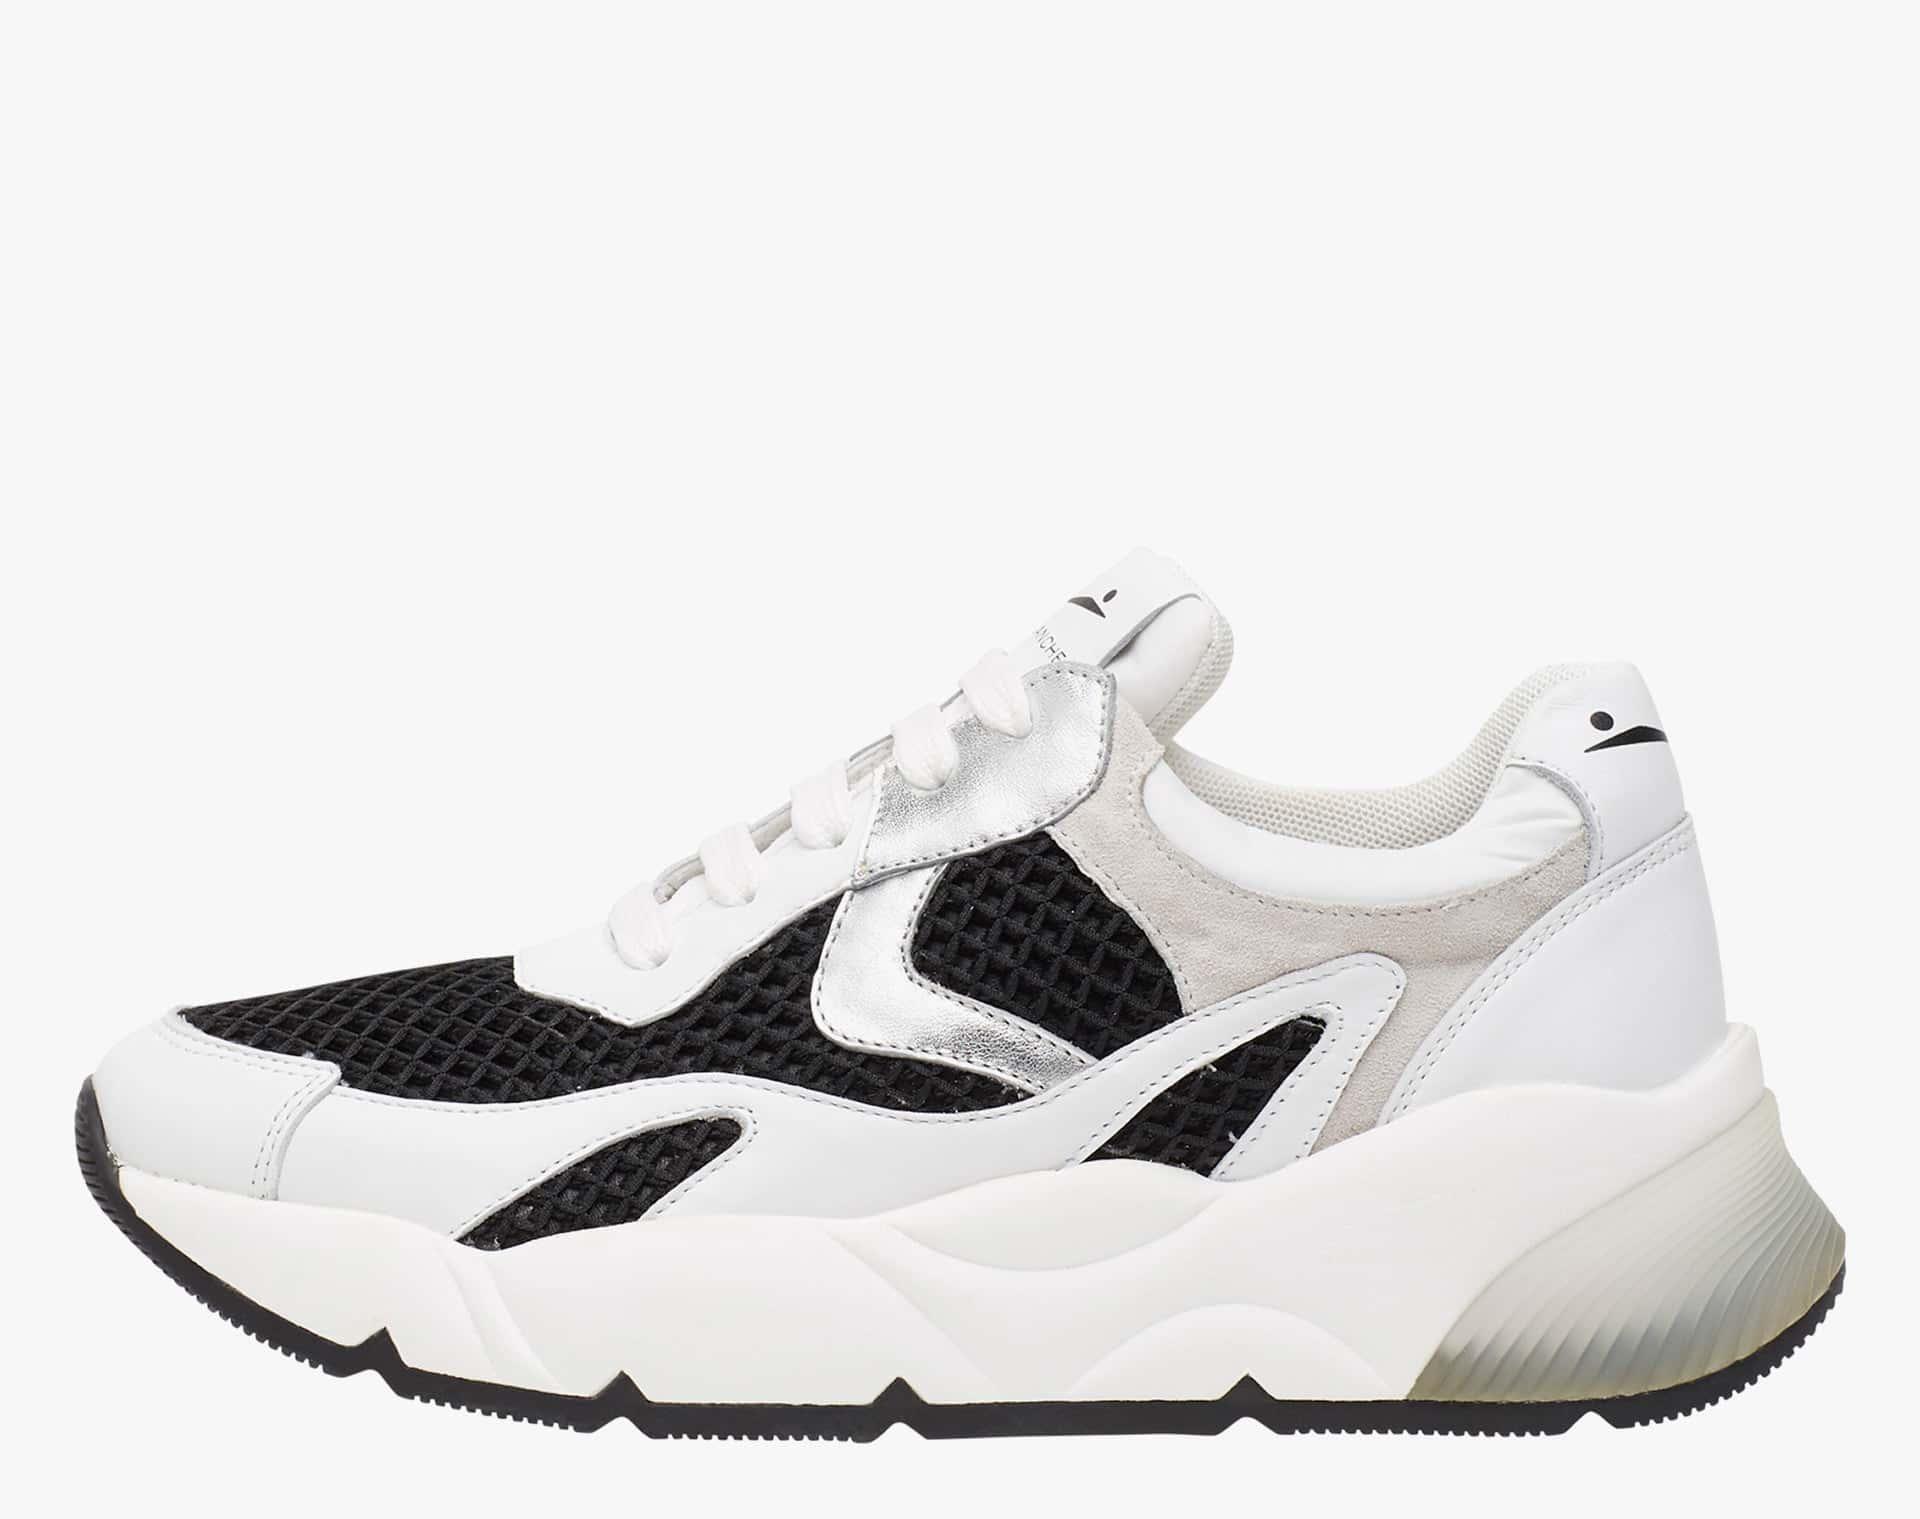 DUMBIL - Sneaker in vitello e micro rete - Bianco